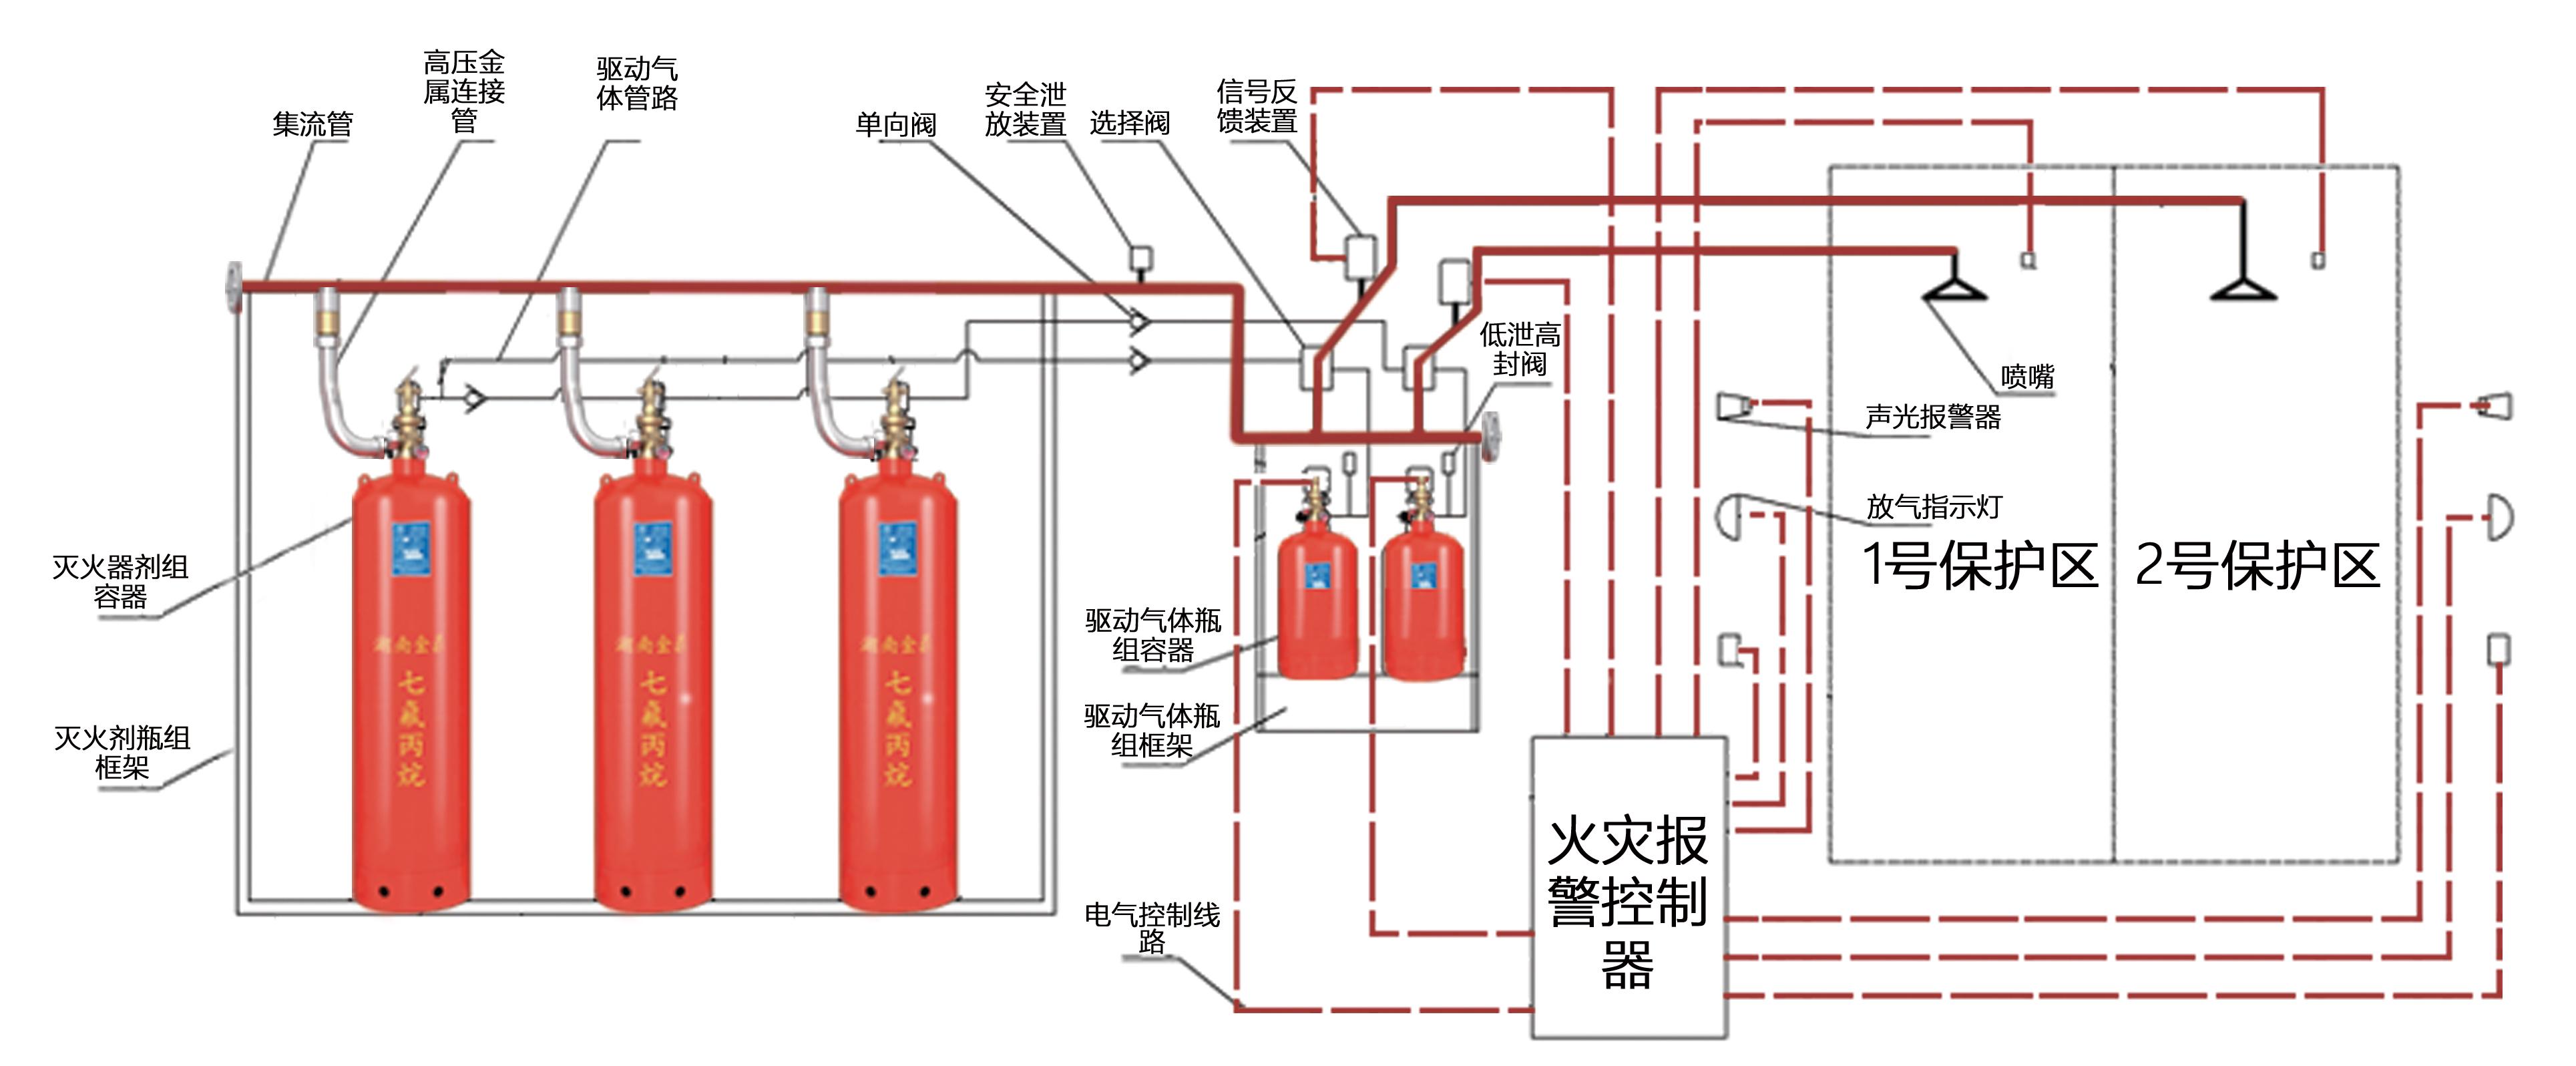 管网七氟丙烷灭火系统原理图.jpg